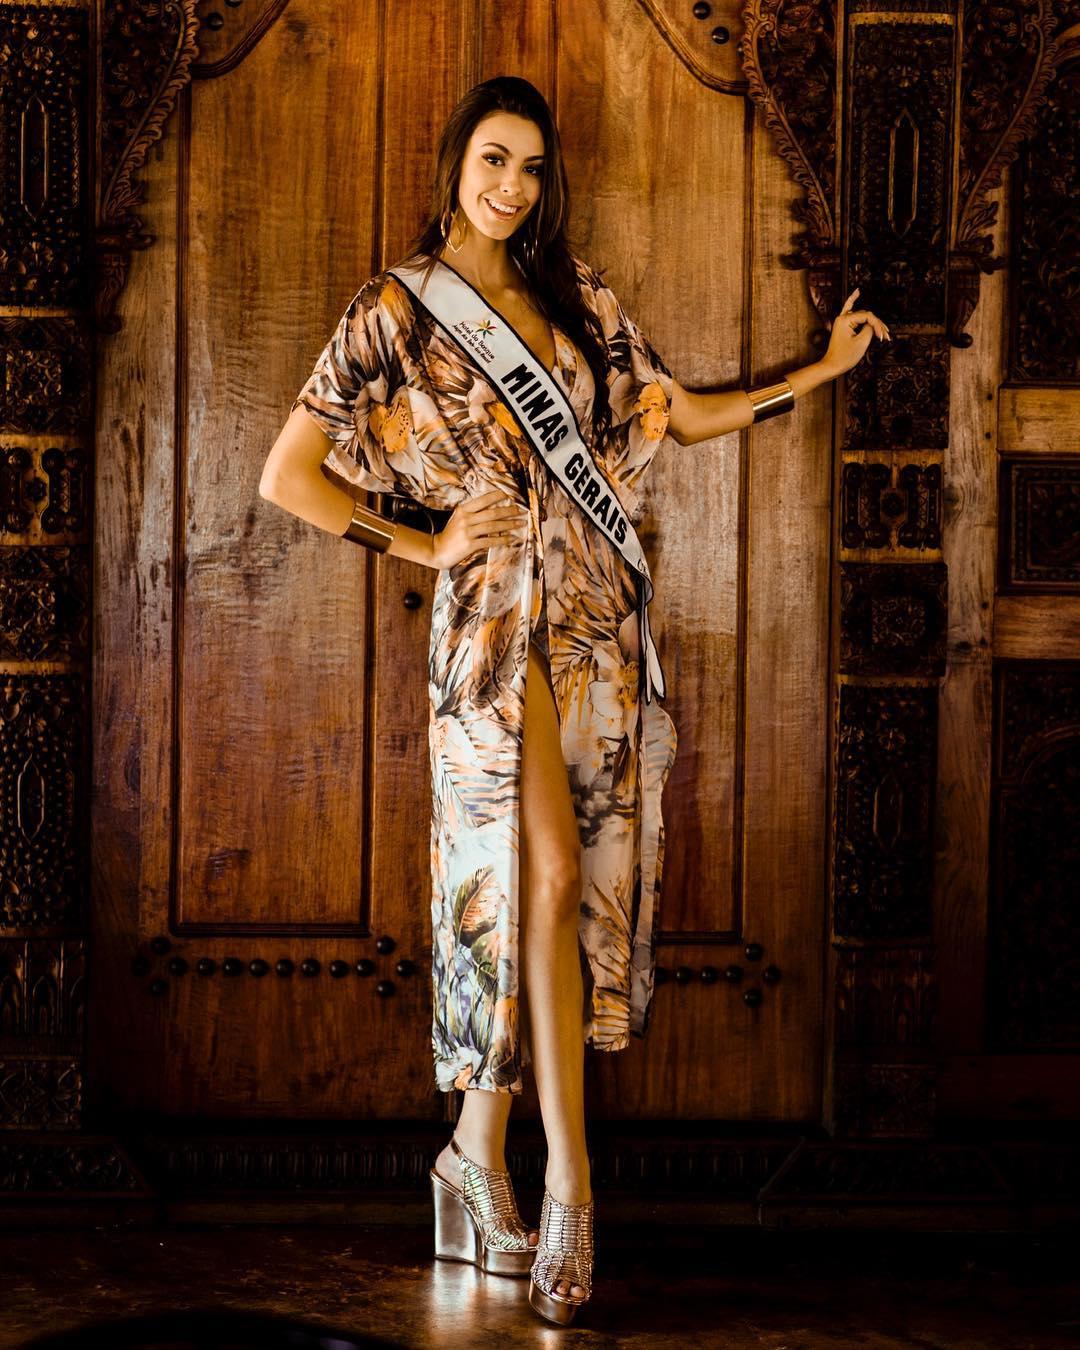 lorena rodrigues, miss grand minas gerais 2019/2nd runner-up de miss global beauty queen 2017. - Página 3 Hxaksmky